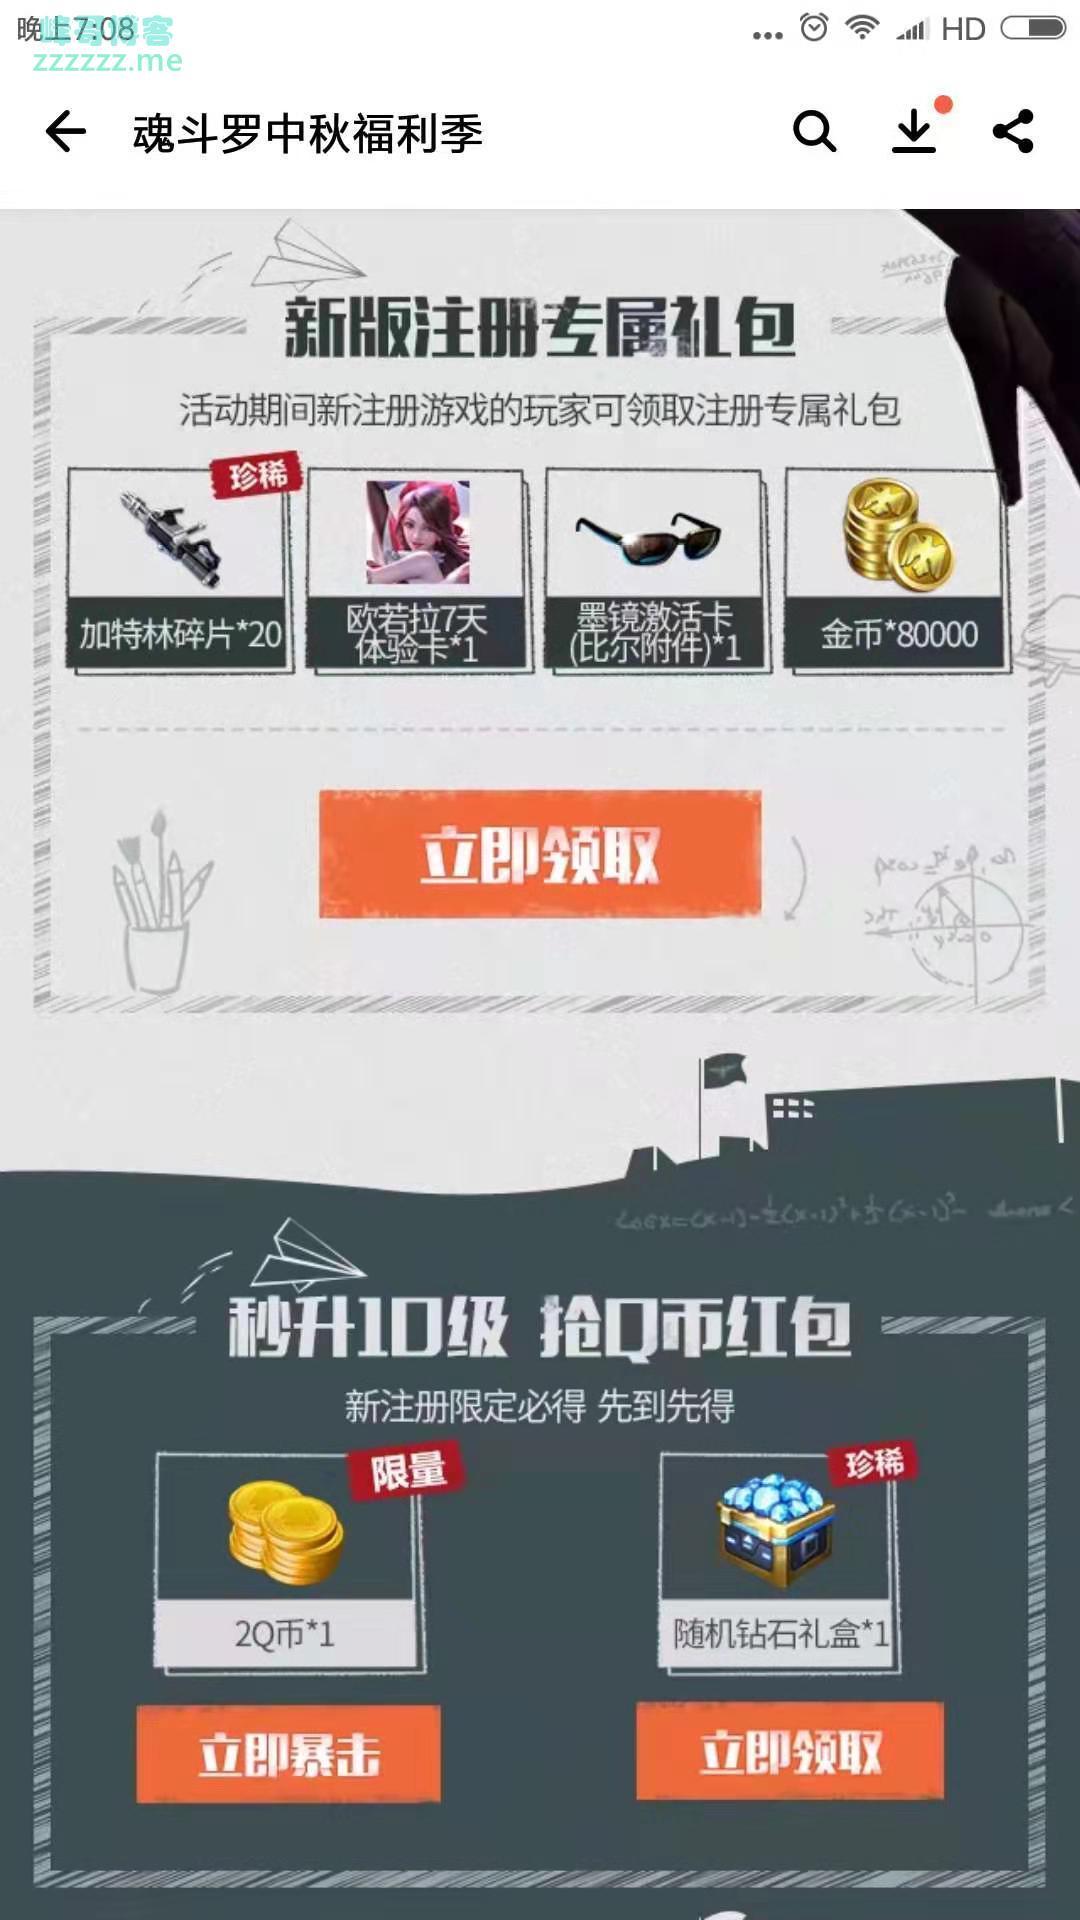 应用宝魂斗罗:归来 百万Q币大放送(截止9月30日)